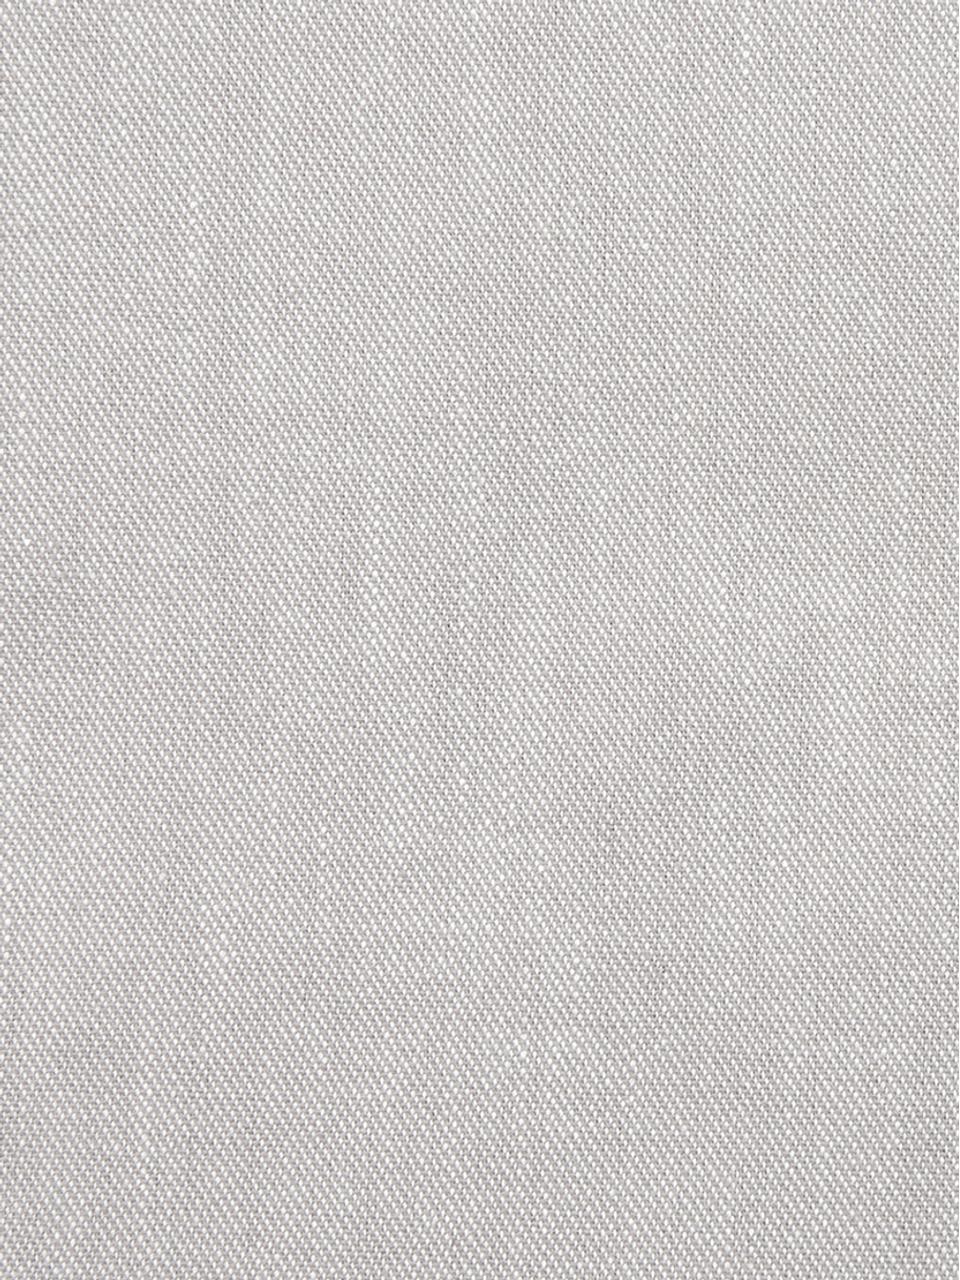 Bettwäsche Cashmere in Beige, Beige, 155 x 220 cm + 1 Kissen 80 x 80 cm